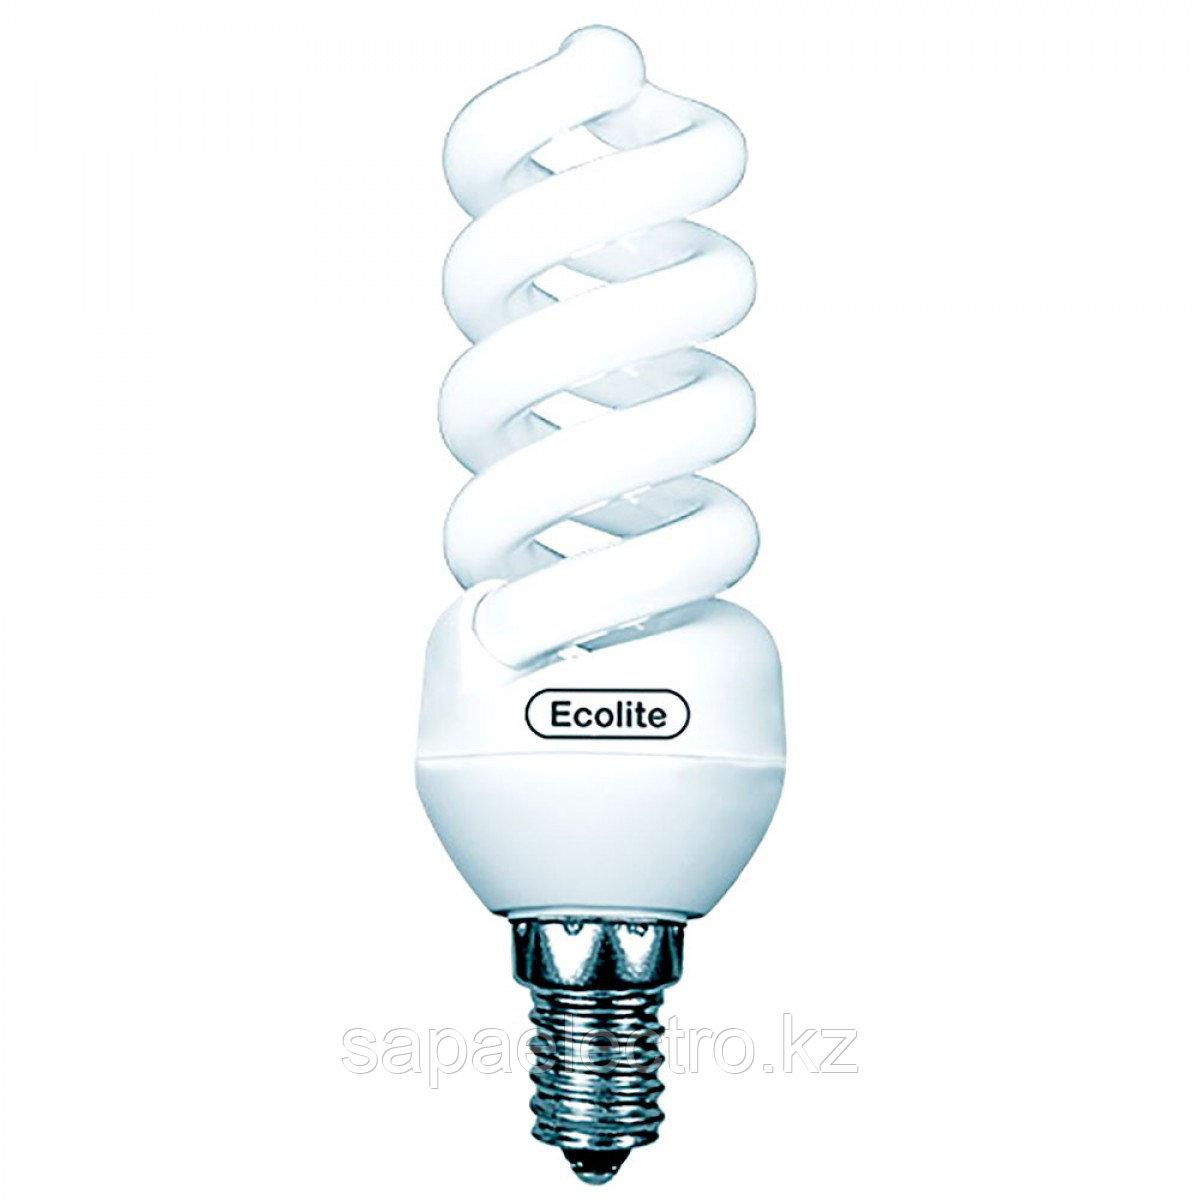 Лампа ECOTWIST  13W  860   E14  (EСOLITE)100шт